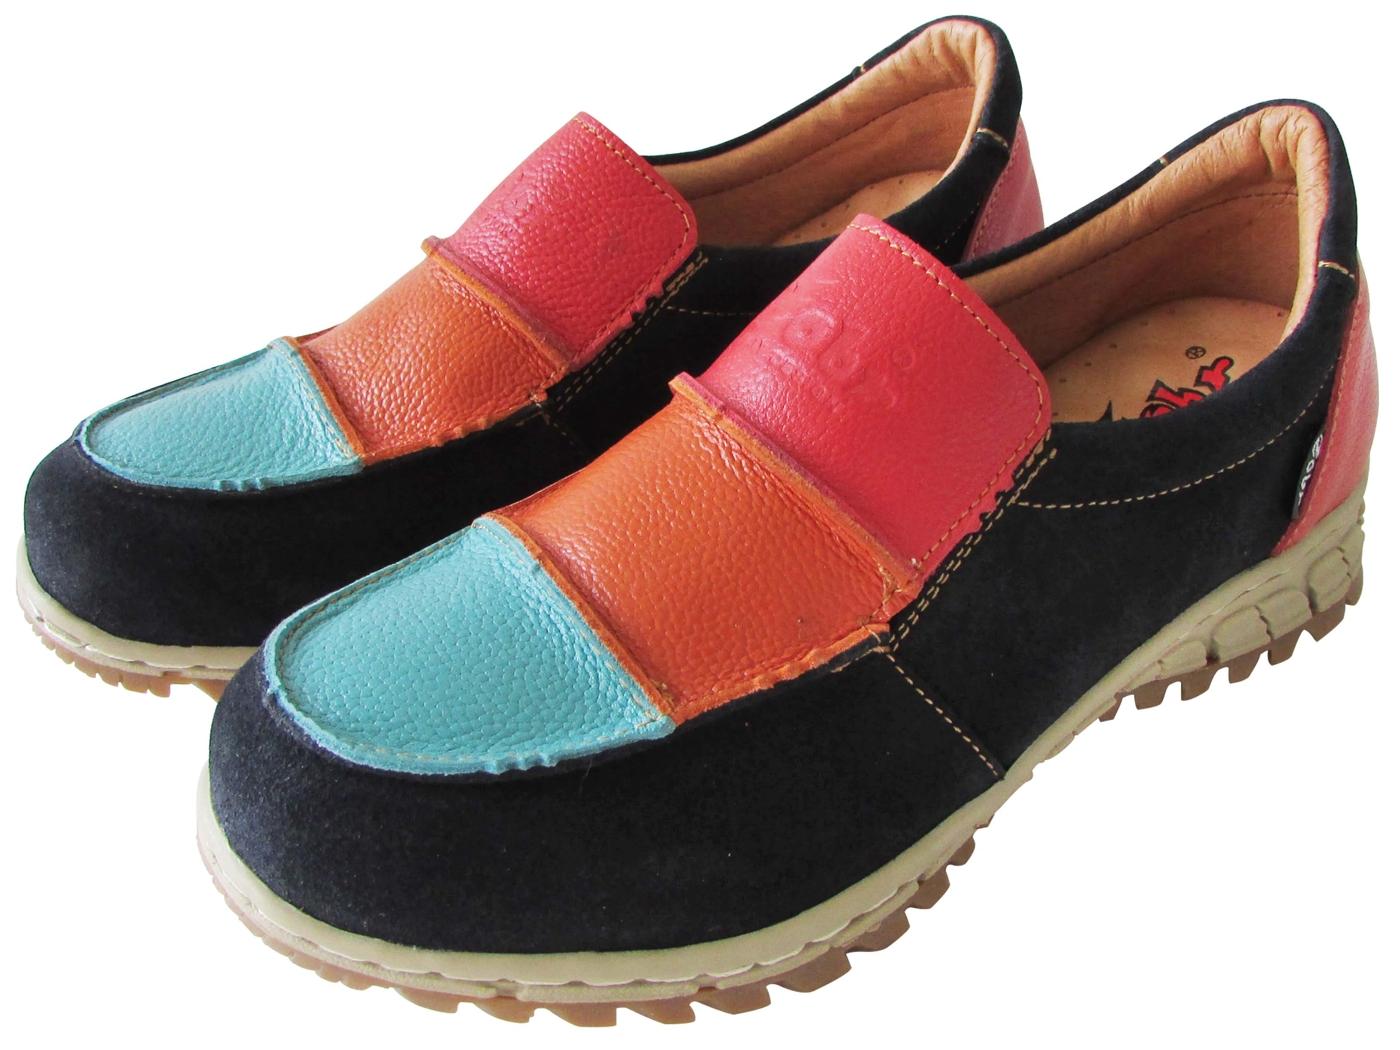 雙惠鞋櫃路豹Zobr彩虹拼貼女牛皮休閒鞋台灣製造TB81d藍彩